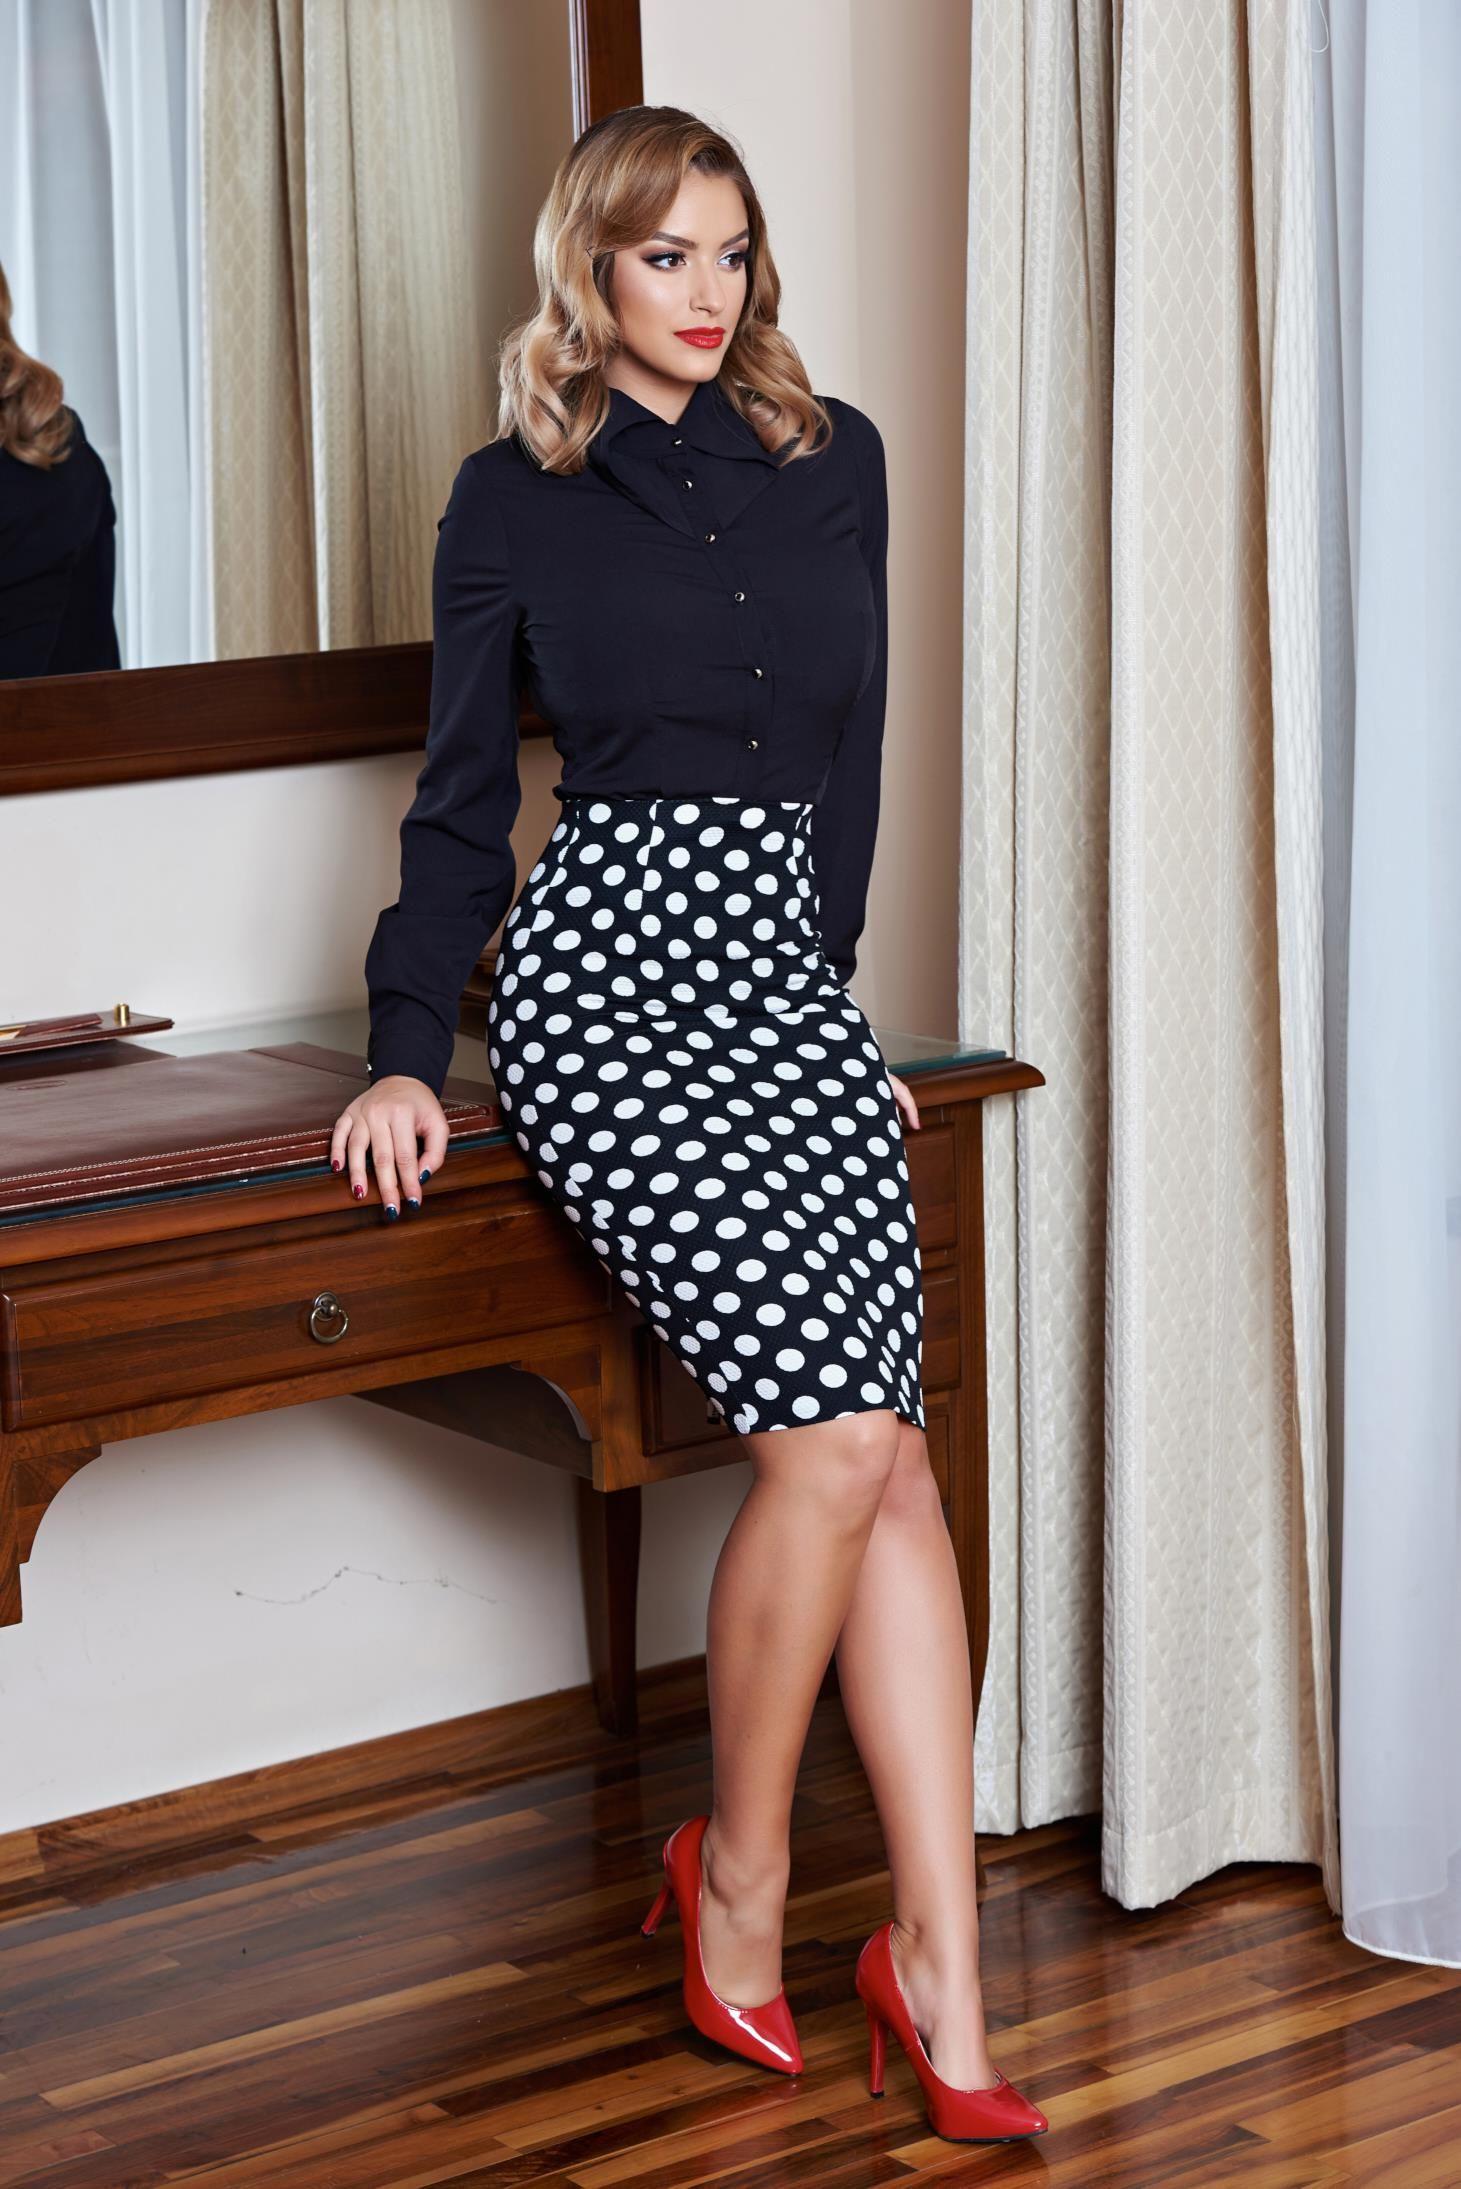 Fusta rosie cu pliuri SERENA-R de la Ama Fashion | Midi skirt, Fashion, Skirts